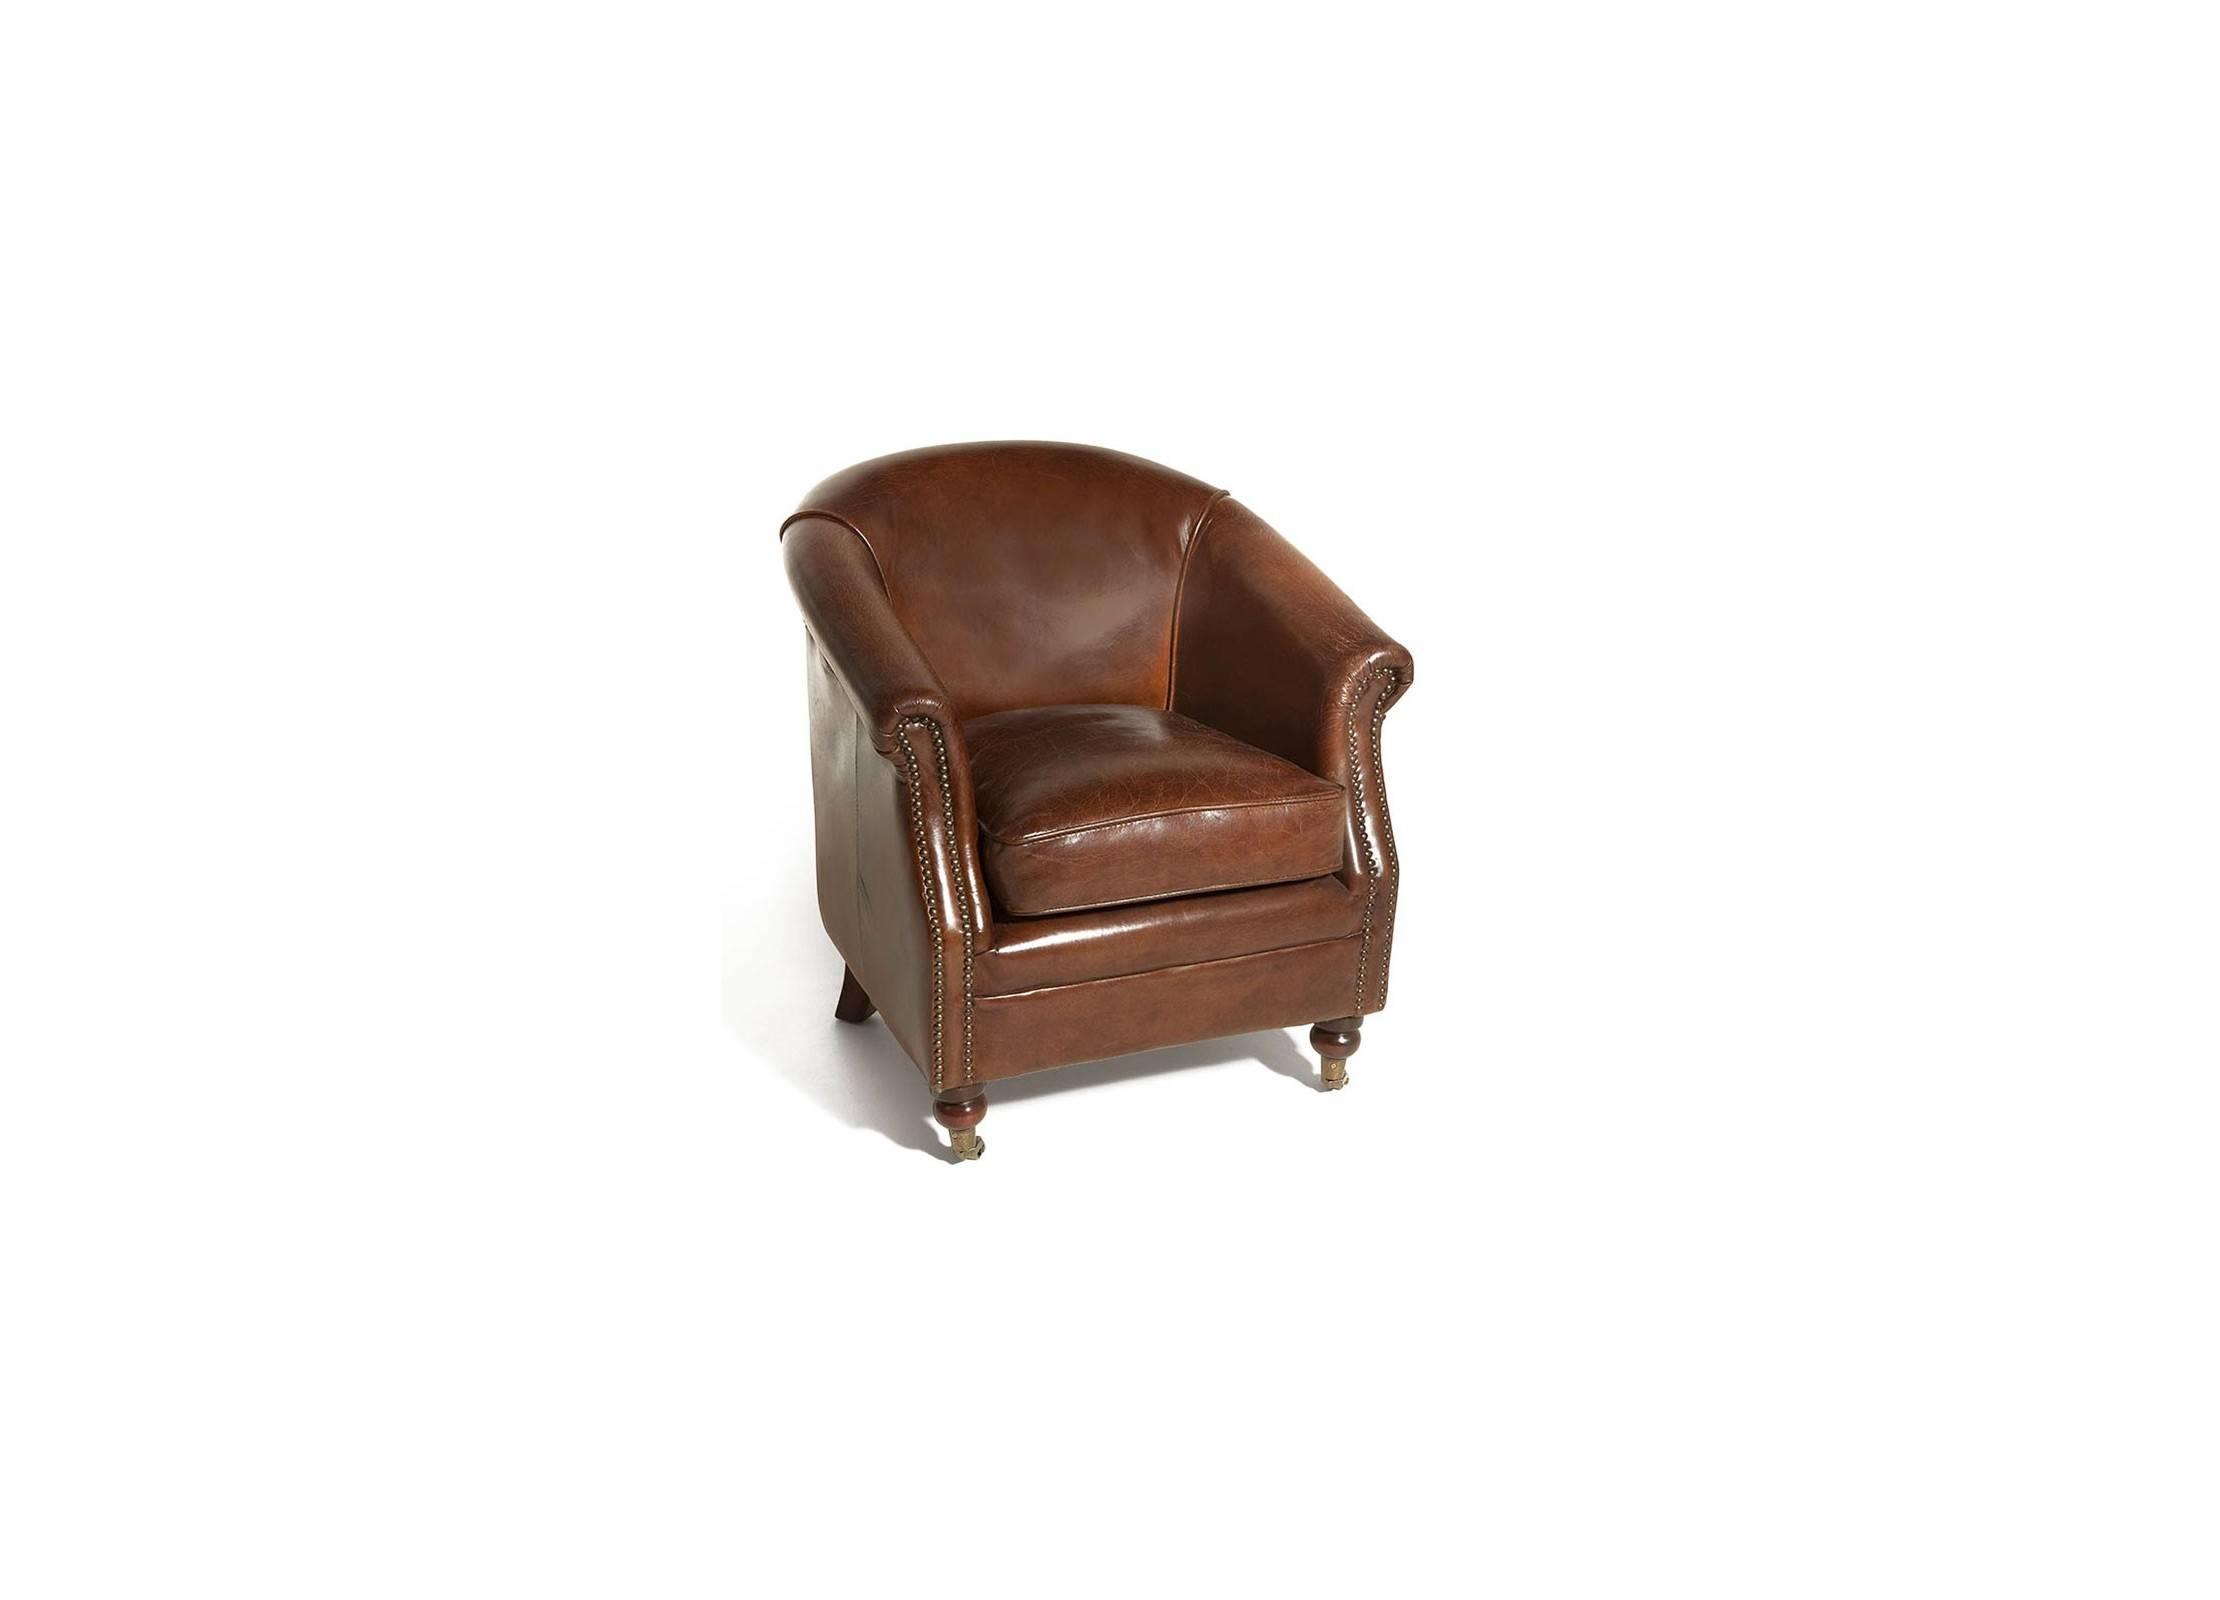 fauteuil cuir zola hugo marron cigare avec roulettes cuir de vachette pleine fleur. Black Bedroom Furniture Sets. Home Design Ideas